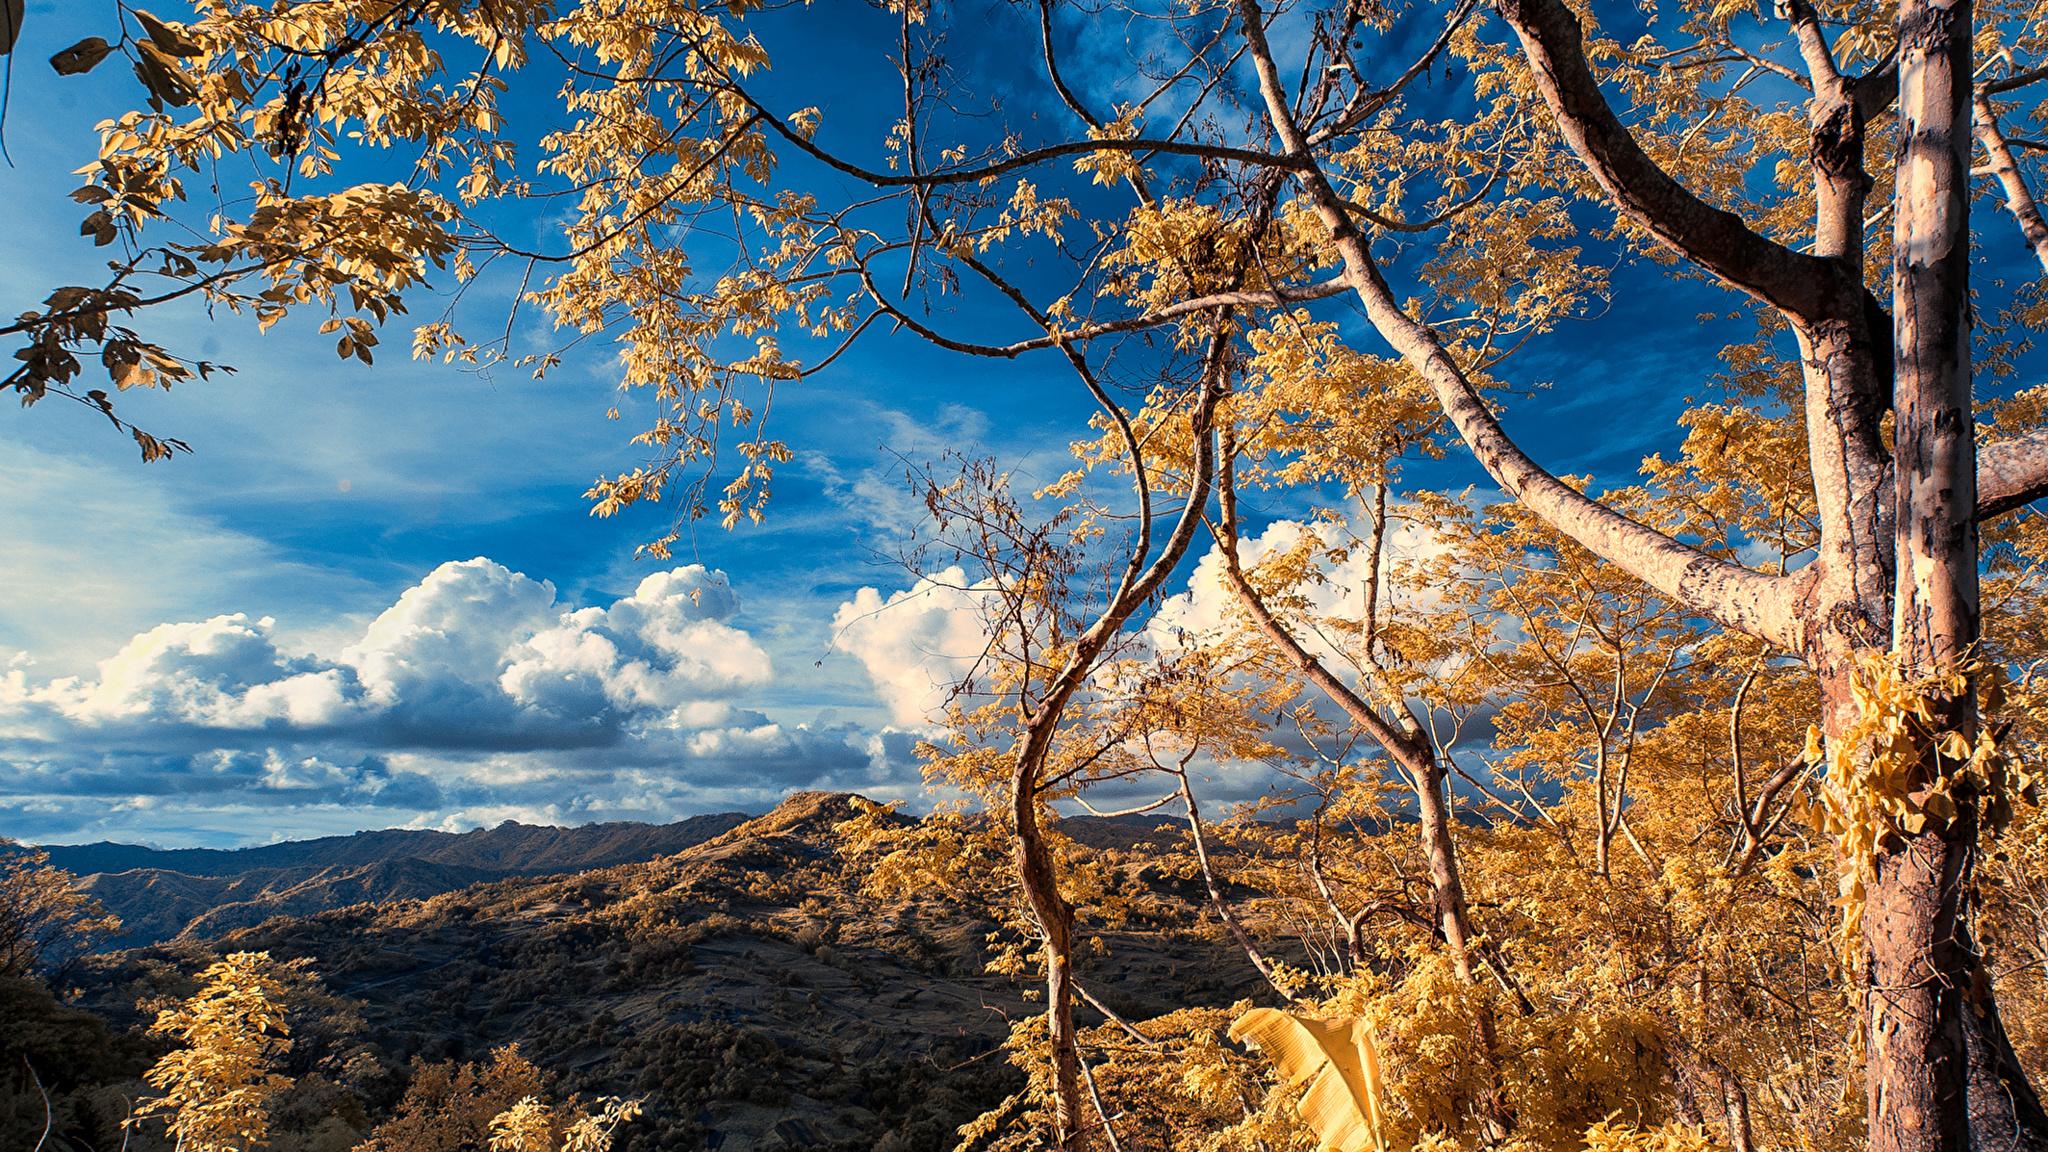 Ветки деревьев над безоблачным небом бесплатно